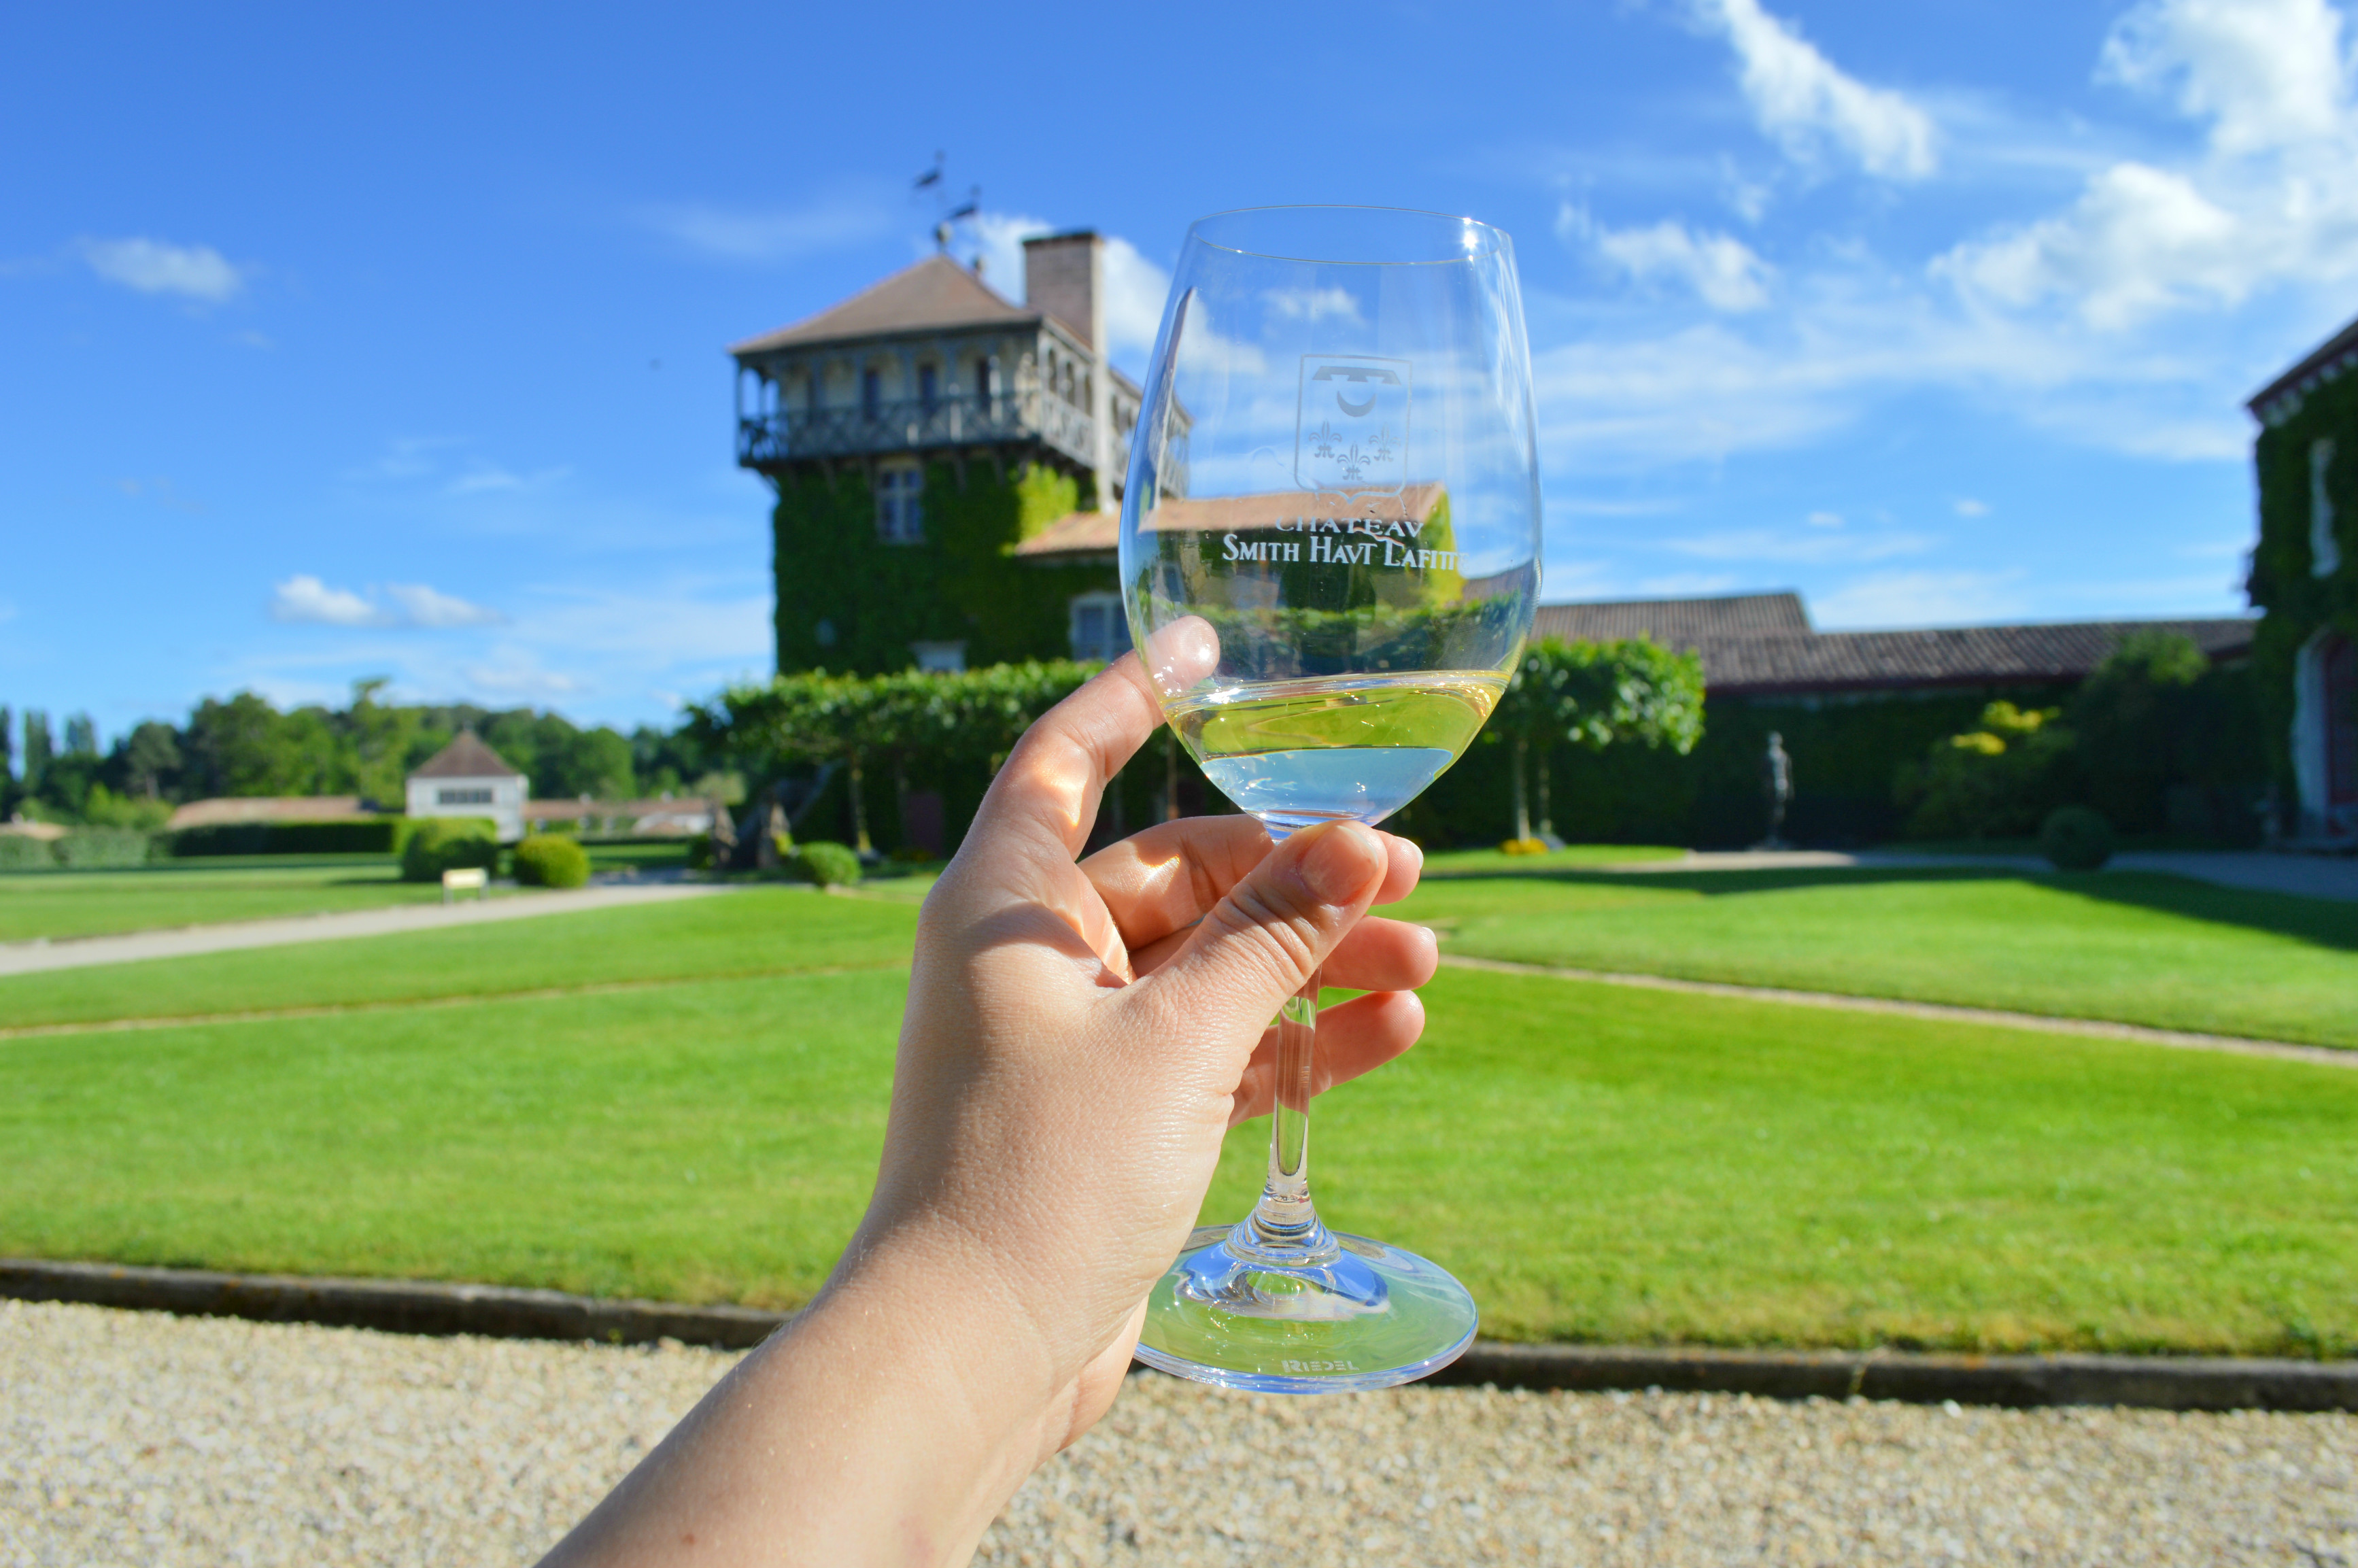 château Smith Haut Lafitte - Sur la route des vins de Bordeaux en Graves et Sauternes